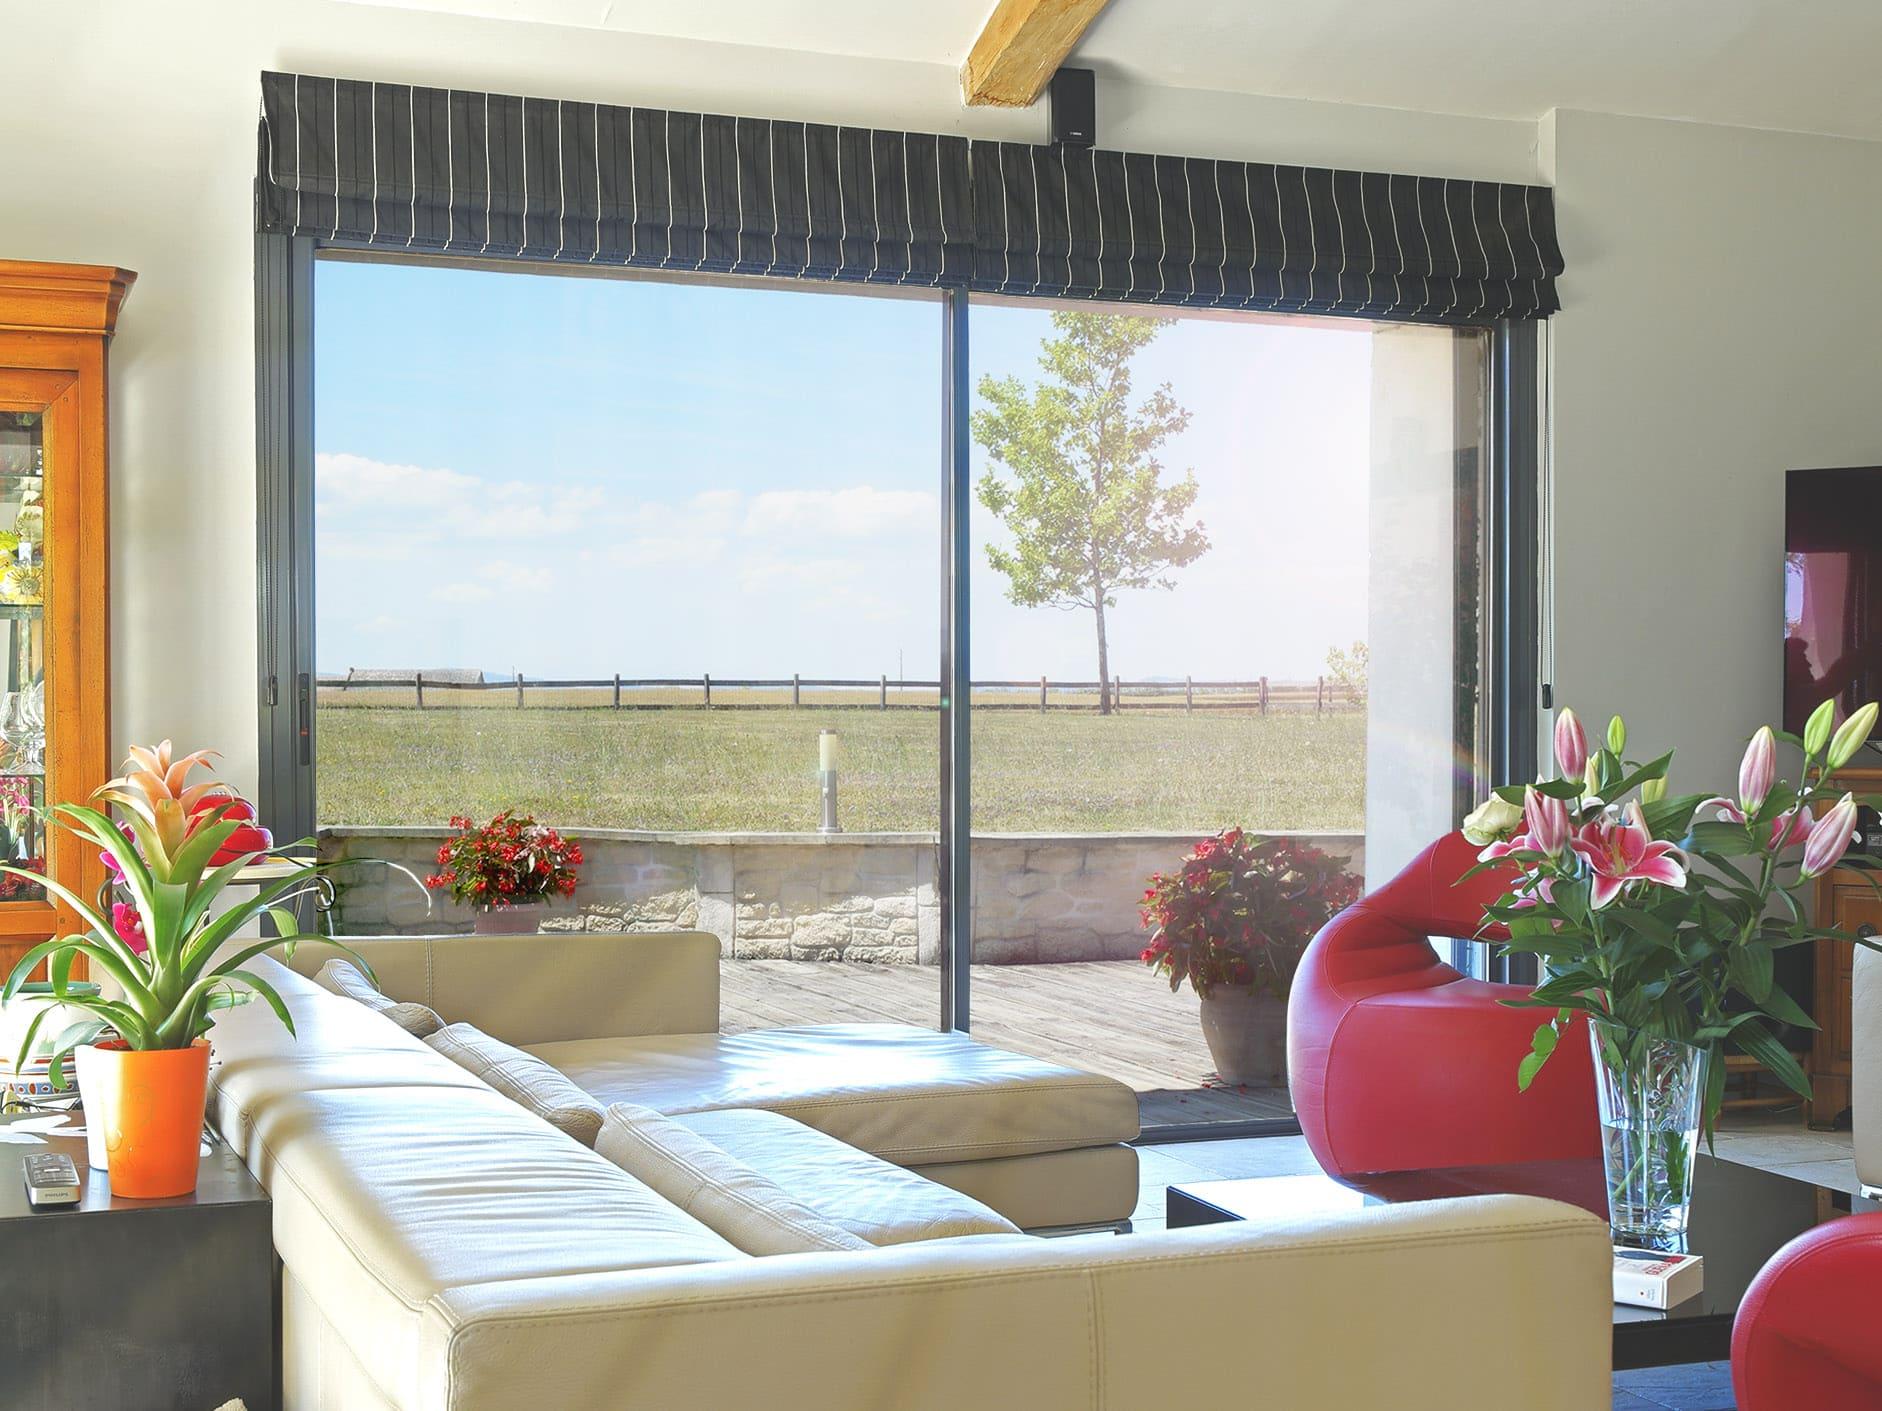 Vitrage équipé du film solaire réfléchissant longue durabilité en vue intérieure